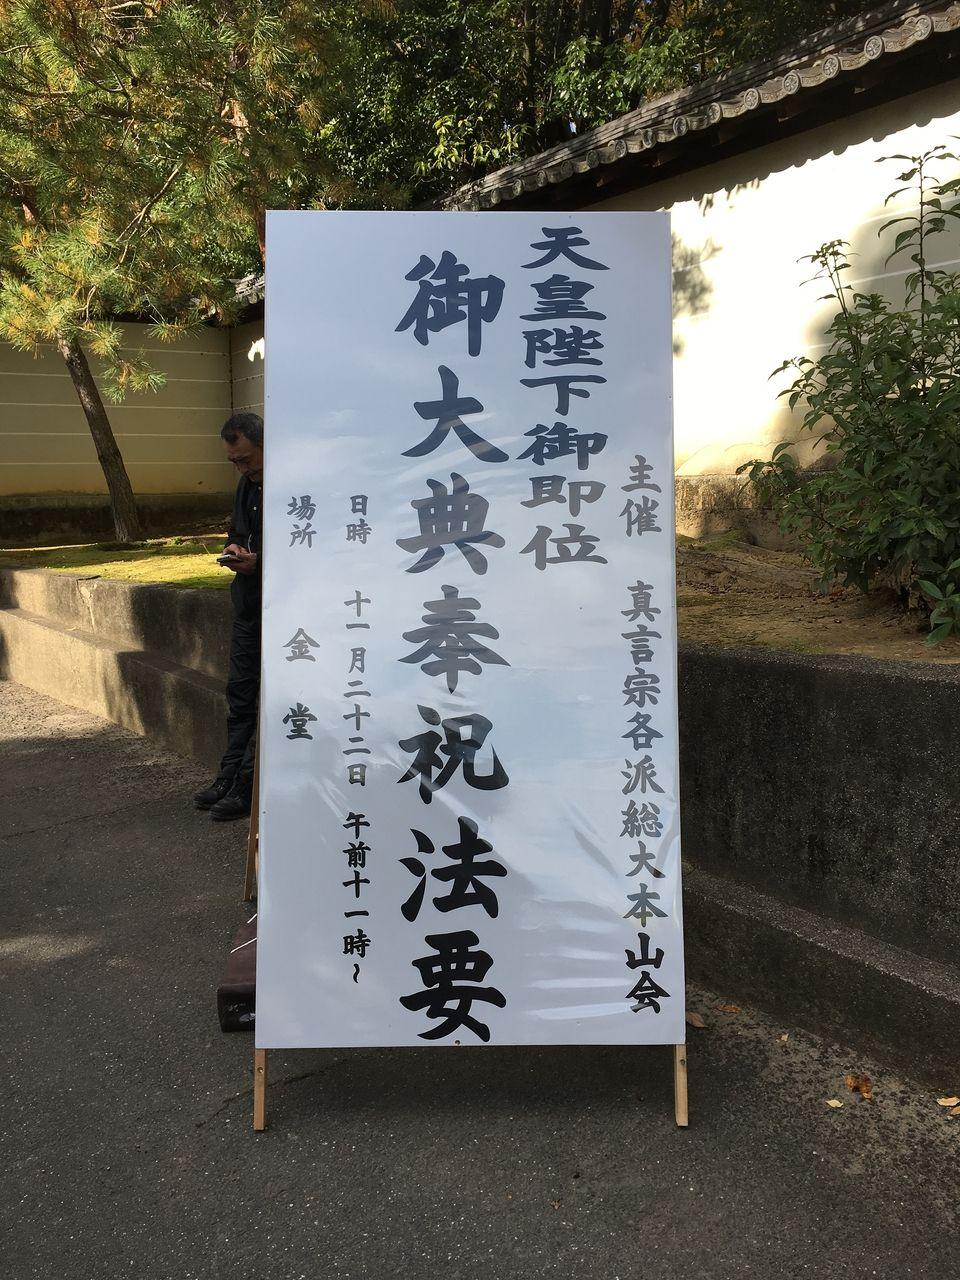 「天皇陛下御即位御大典奉祝法要」の立て看板